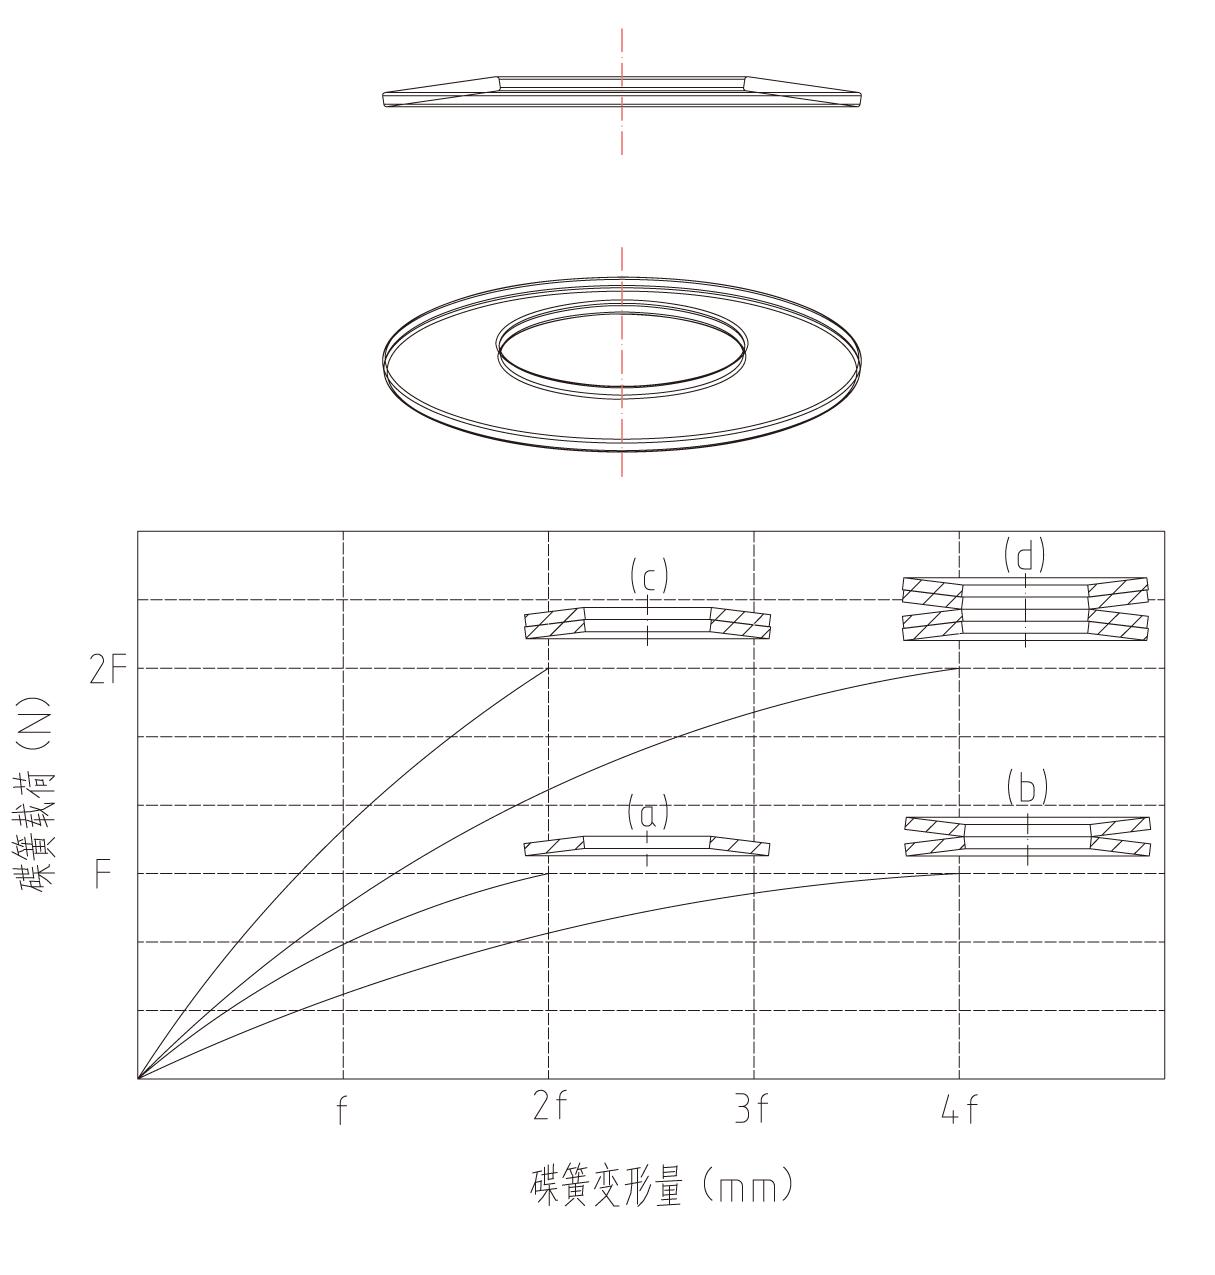 碟簧组载荷关系图